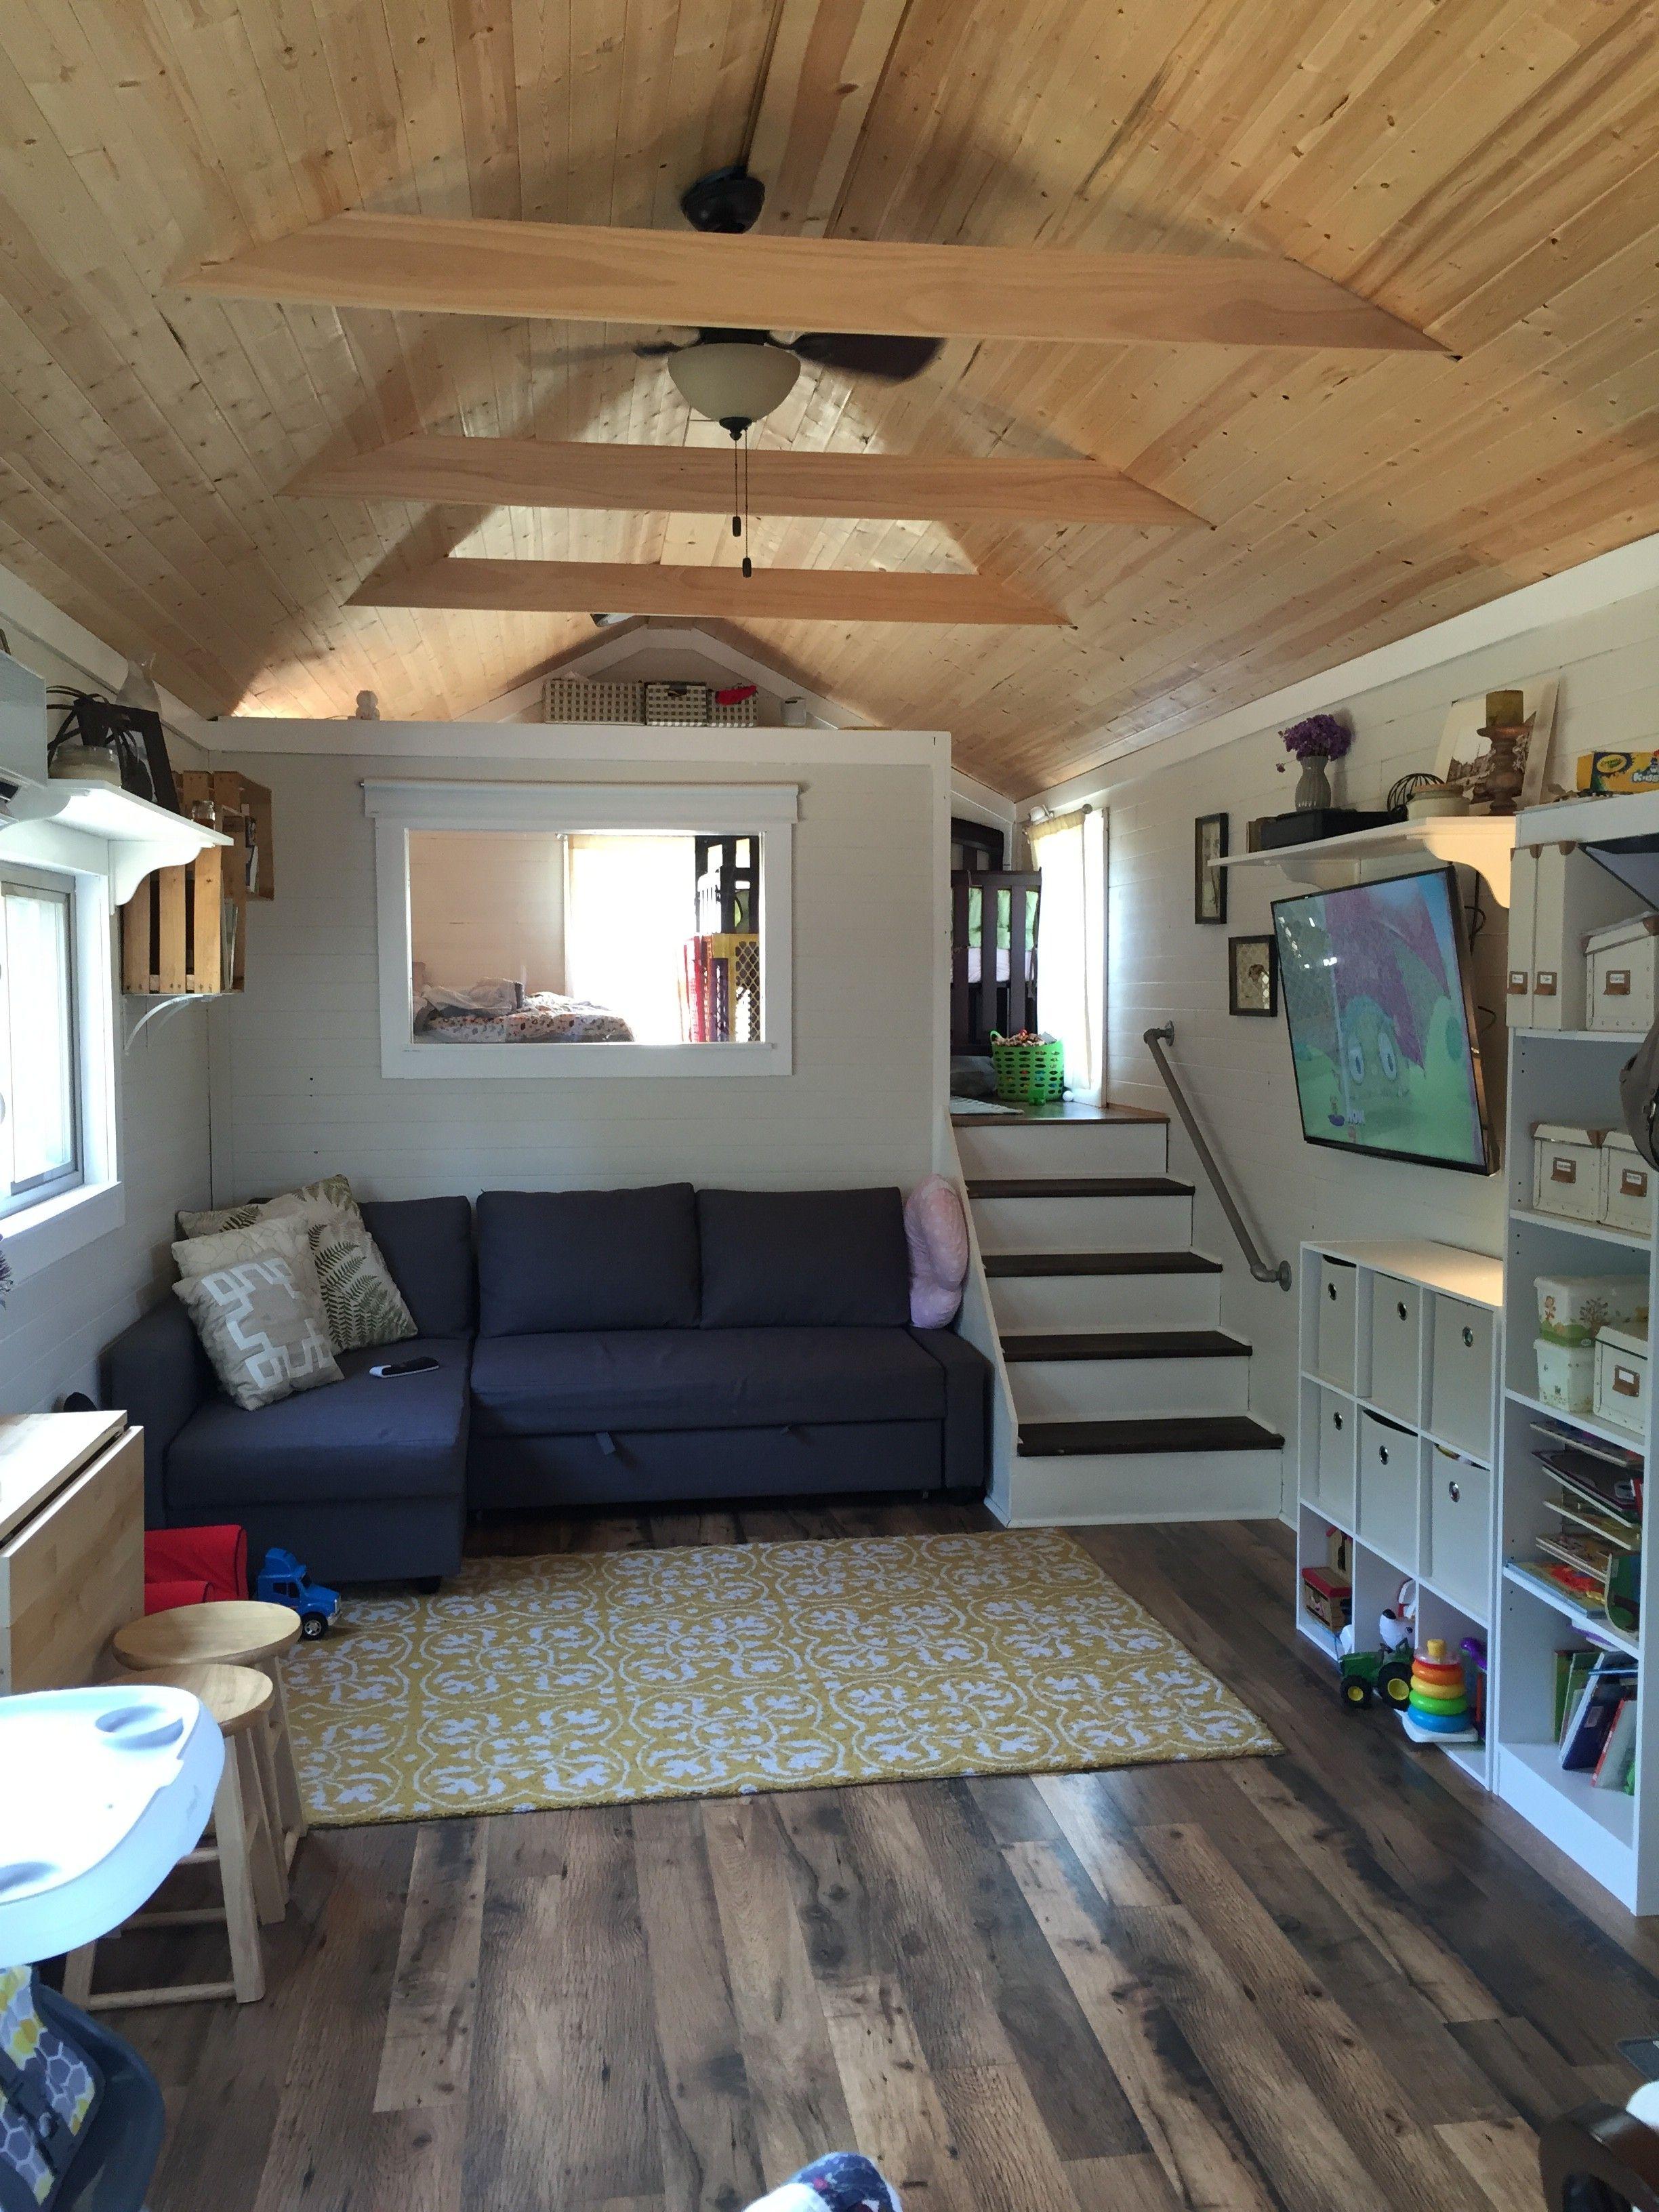 how to freecycle and repurpose tutorials pinterest kleines h uschen wohnwagen und wohnen. Black Bedroom Furniture Sets. Home Design Ideas